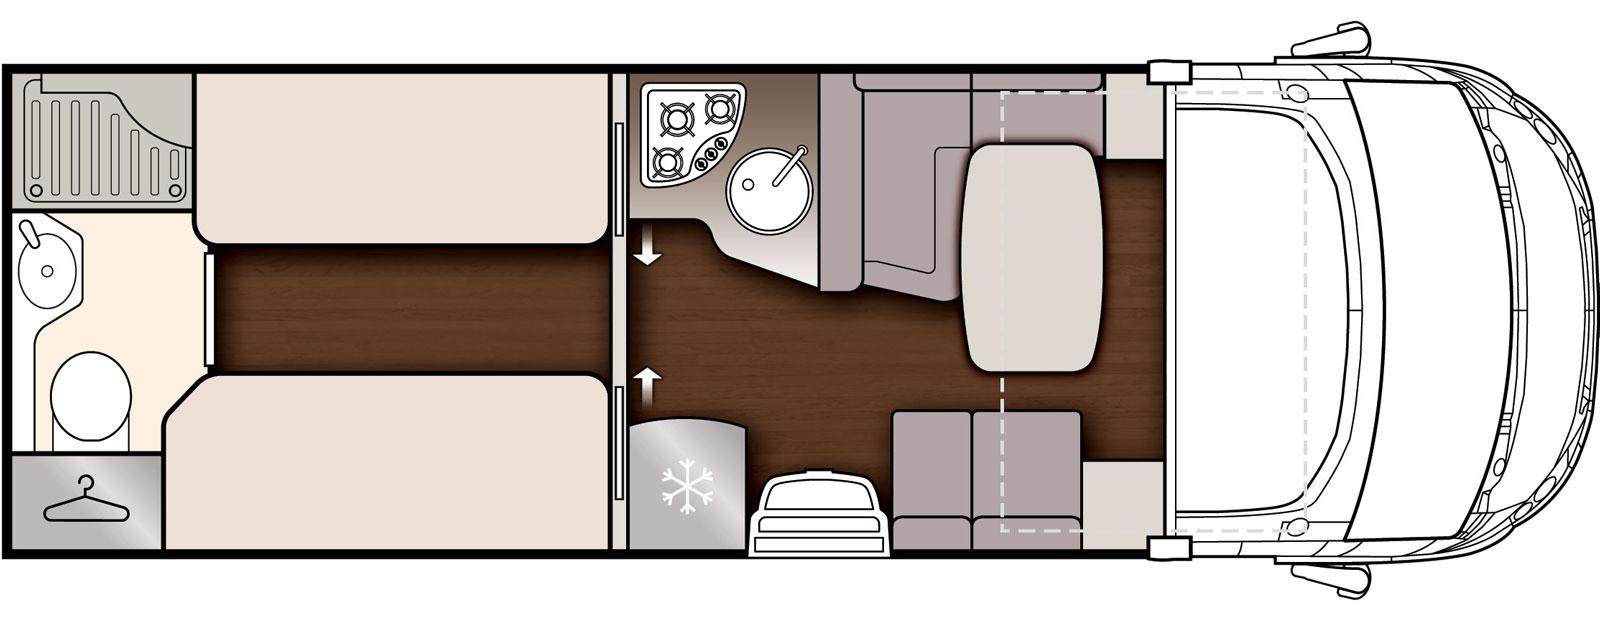 McLouis Nevis – bäddar och badrum baktill